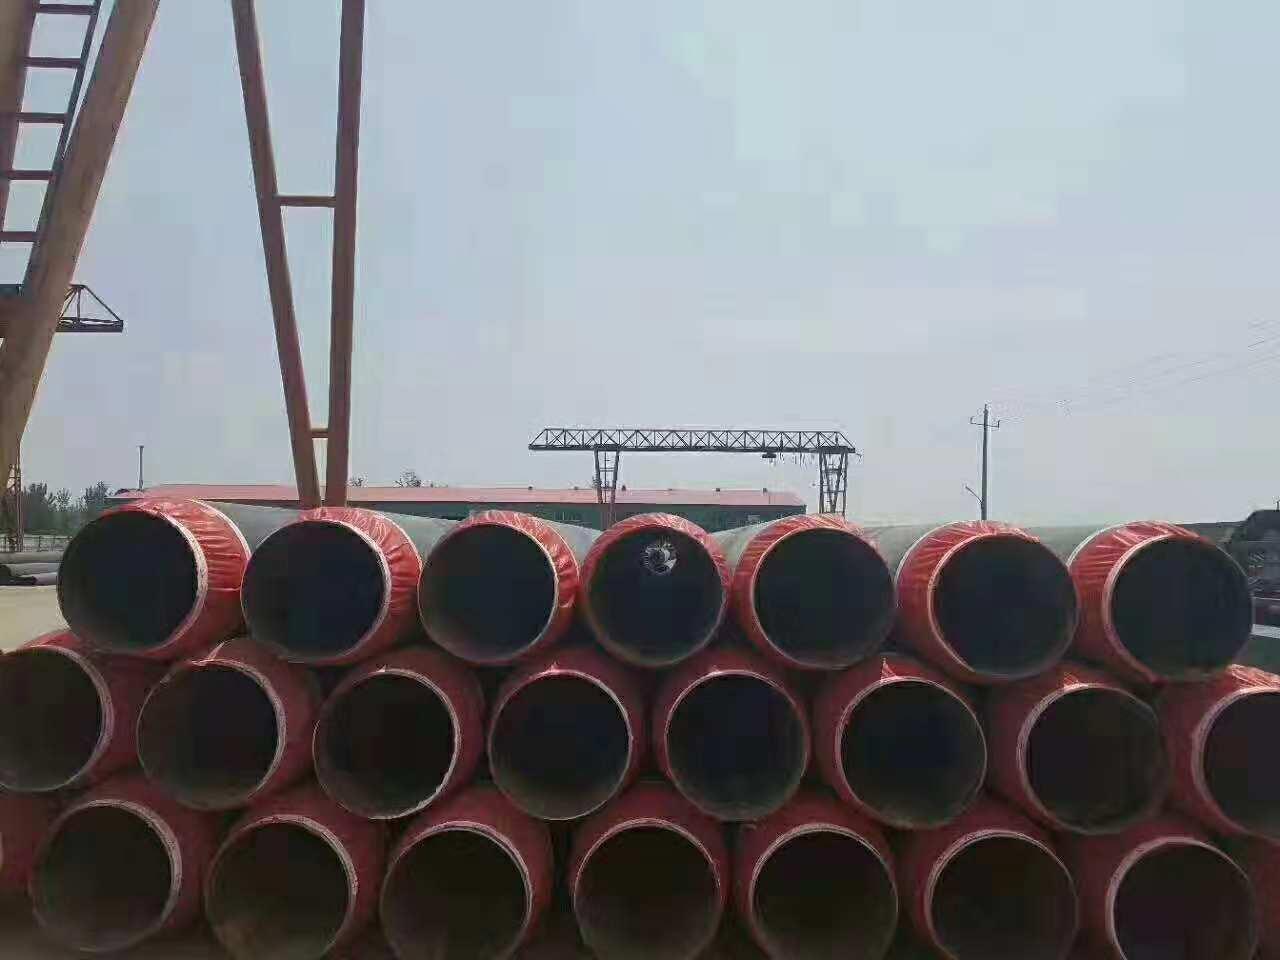 阿坝聚氨酯成品直埋保温管厂家信息